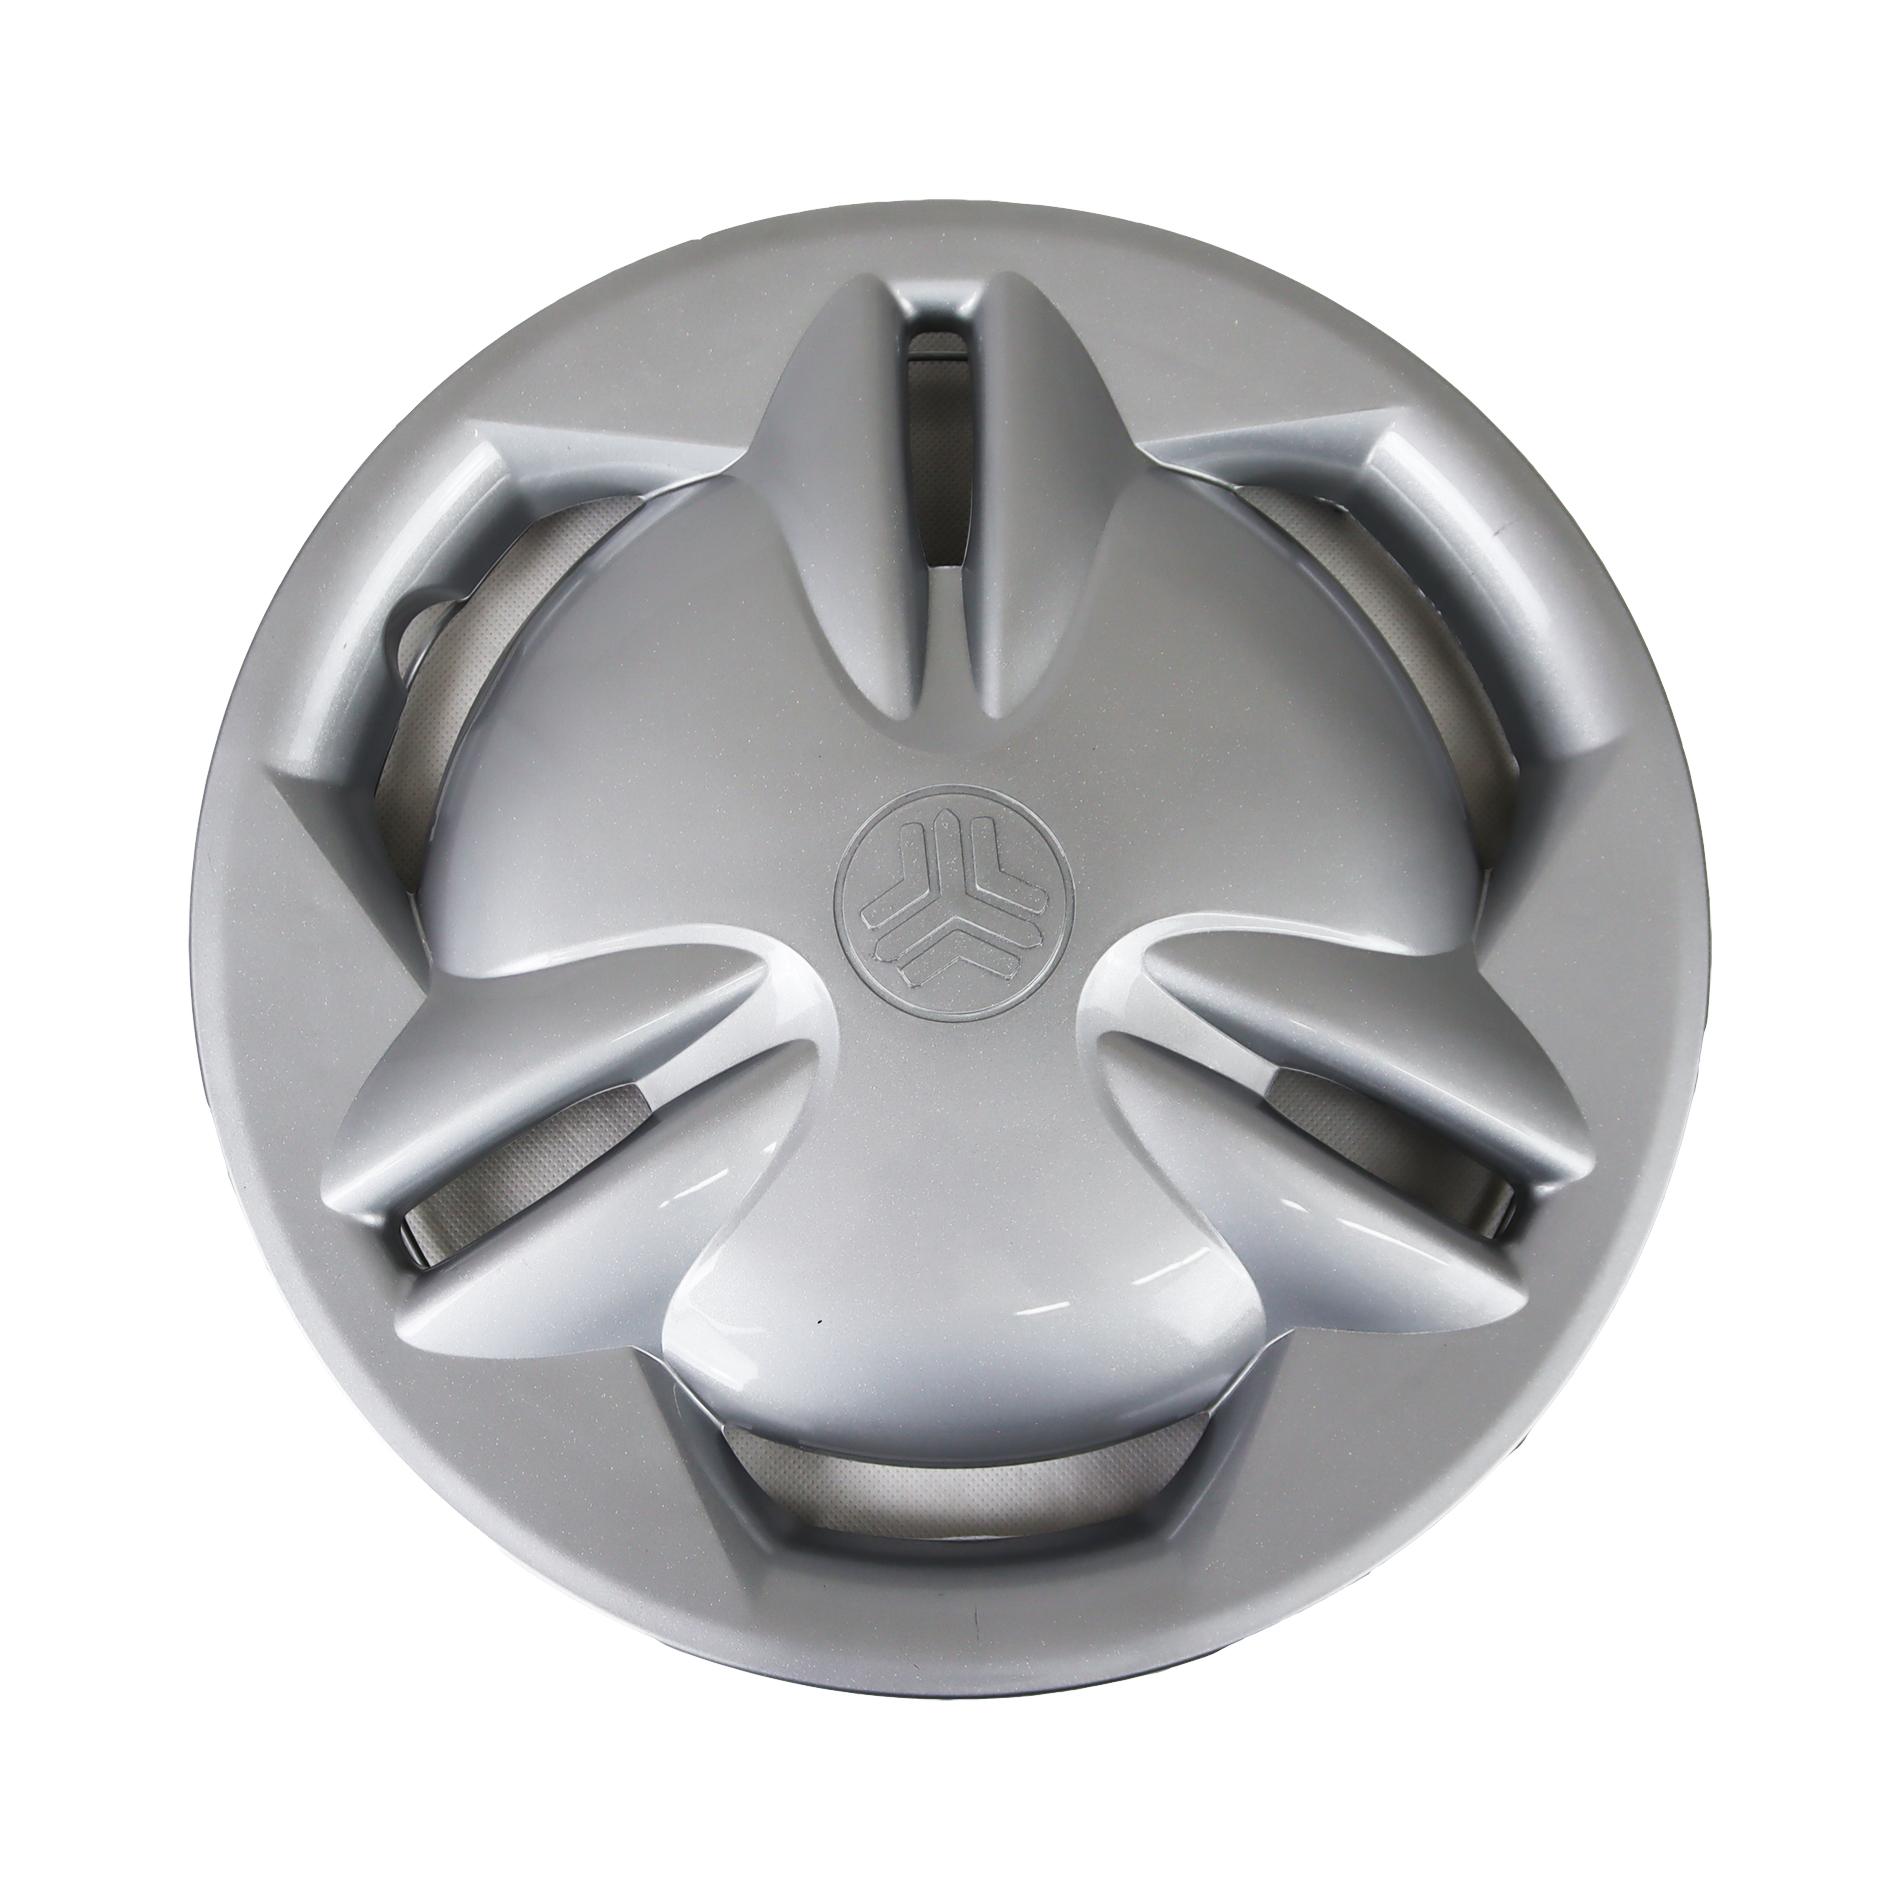 قالپاق چرخ سوشیانت مدل GH-05 سایز 13 اینچ مناسب برای پراید